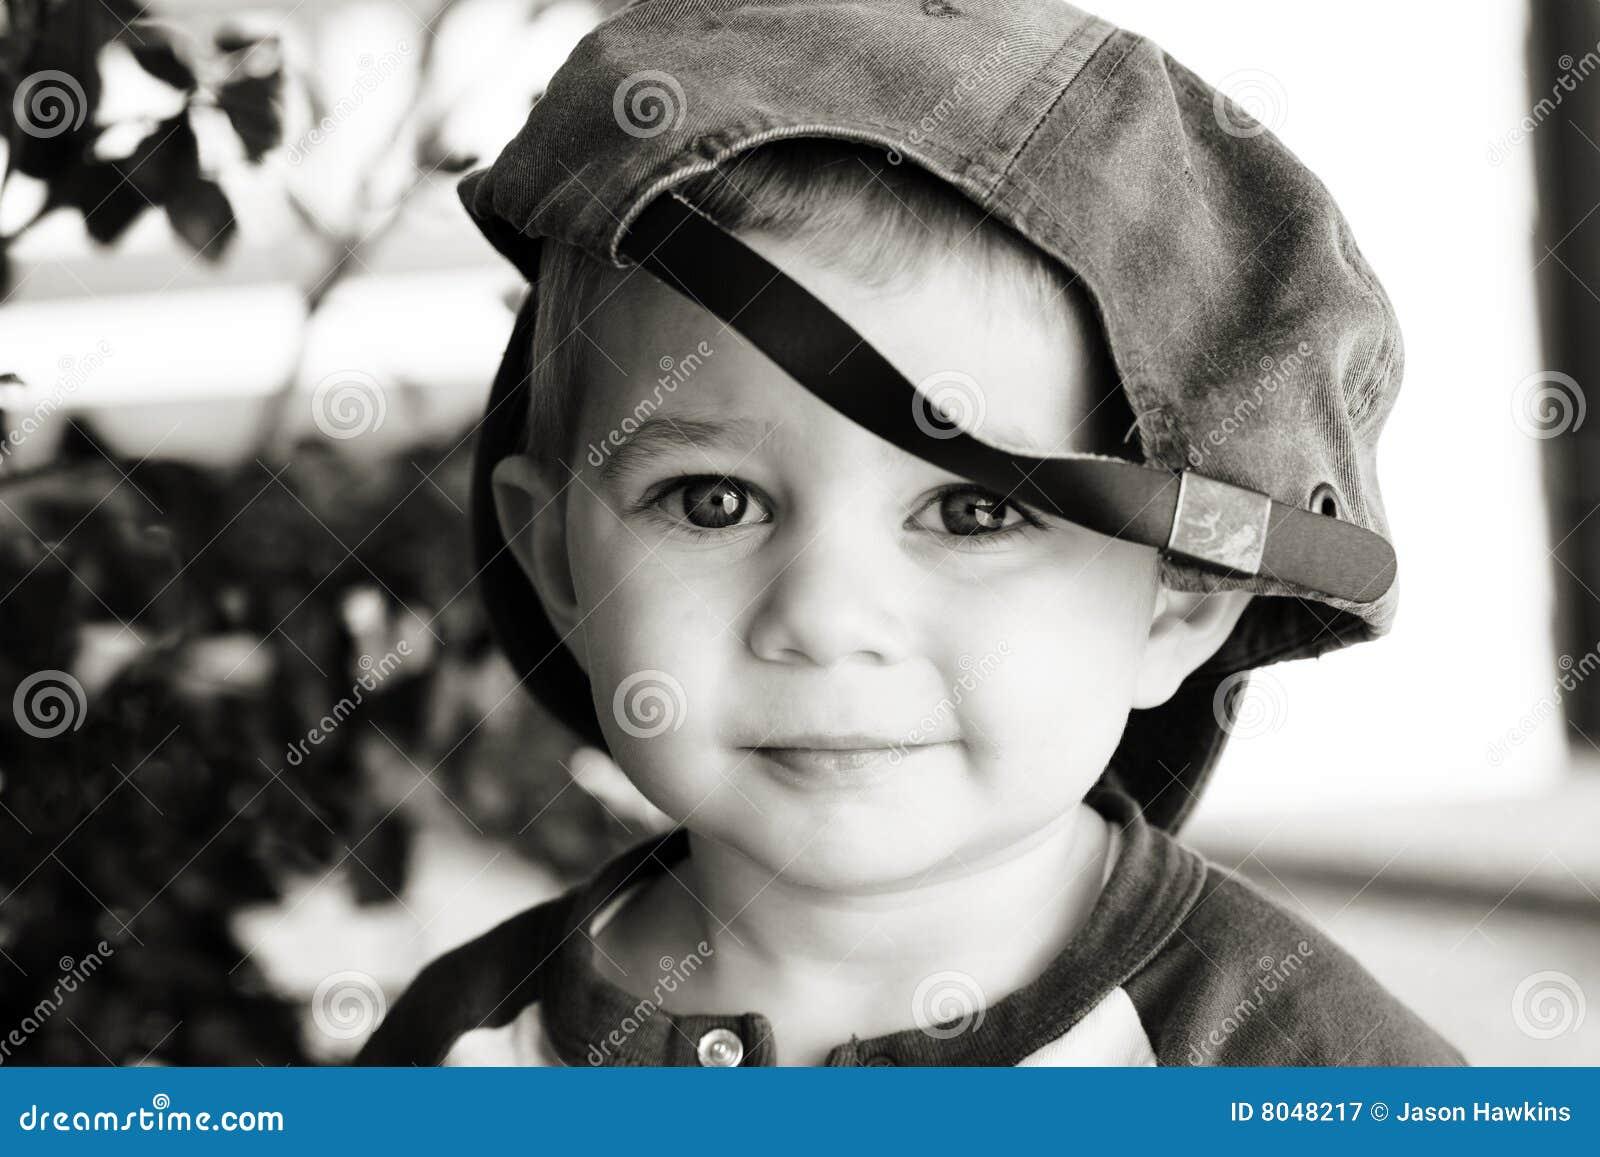 ebfb239de94 Cute Boy Wearing Baseball Hat Stock Image - Image of smiling ...